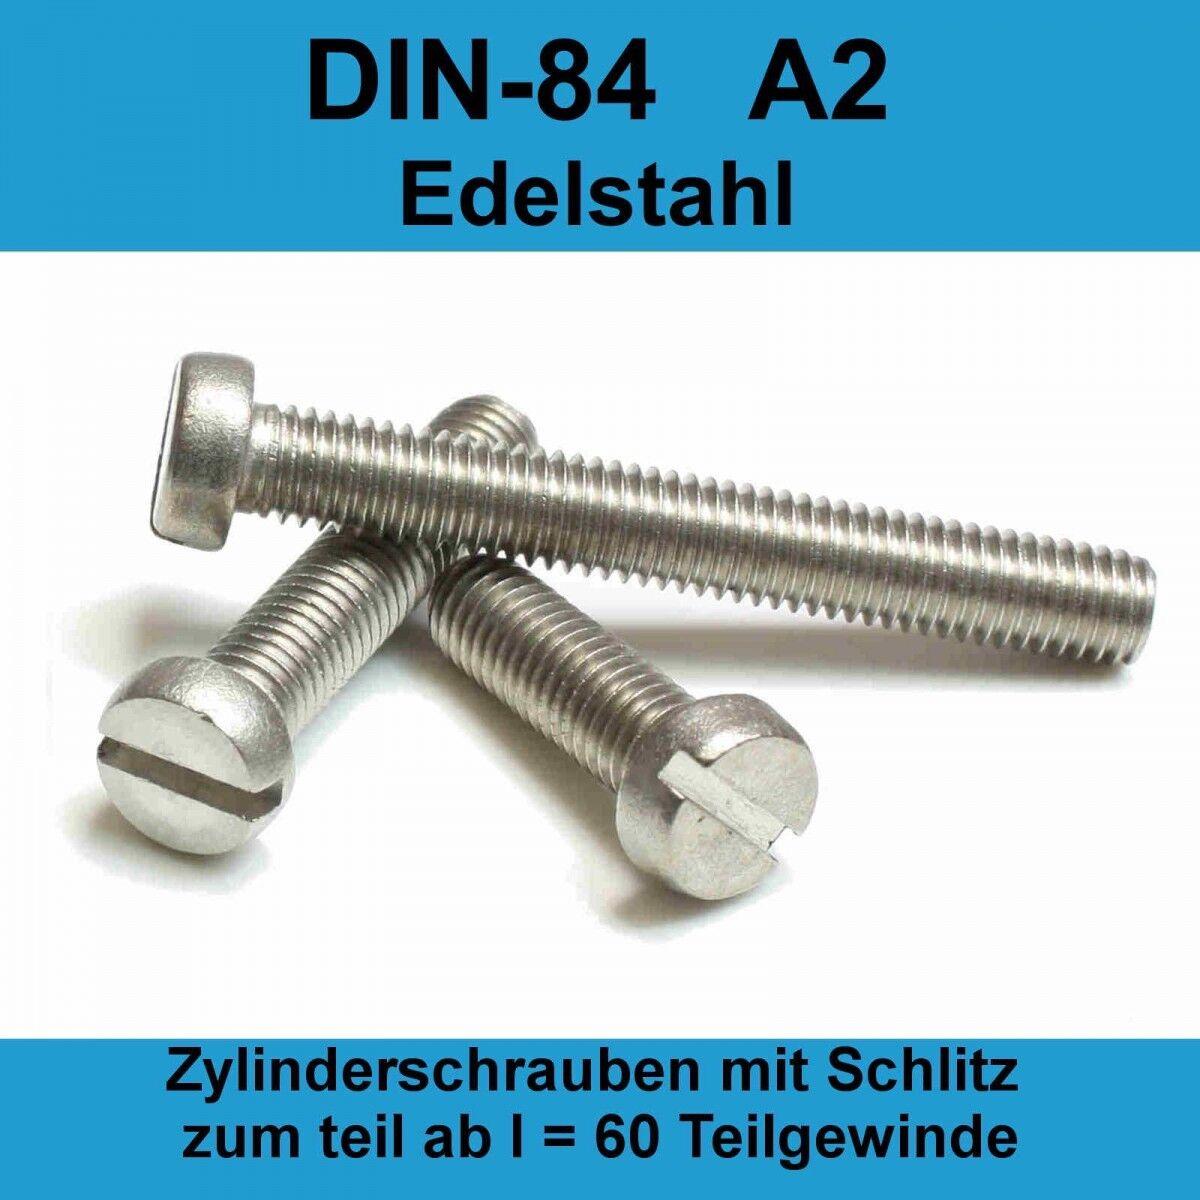 M6x DIN 84 A2 Edelstahl Zylinderschrauben Zylinderkopfschrauben Schlitzschraube